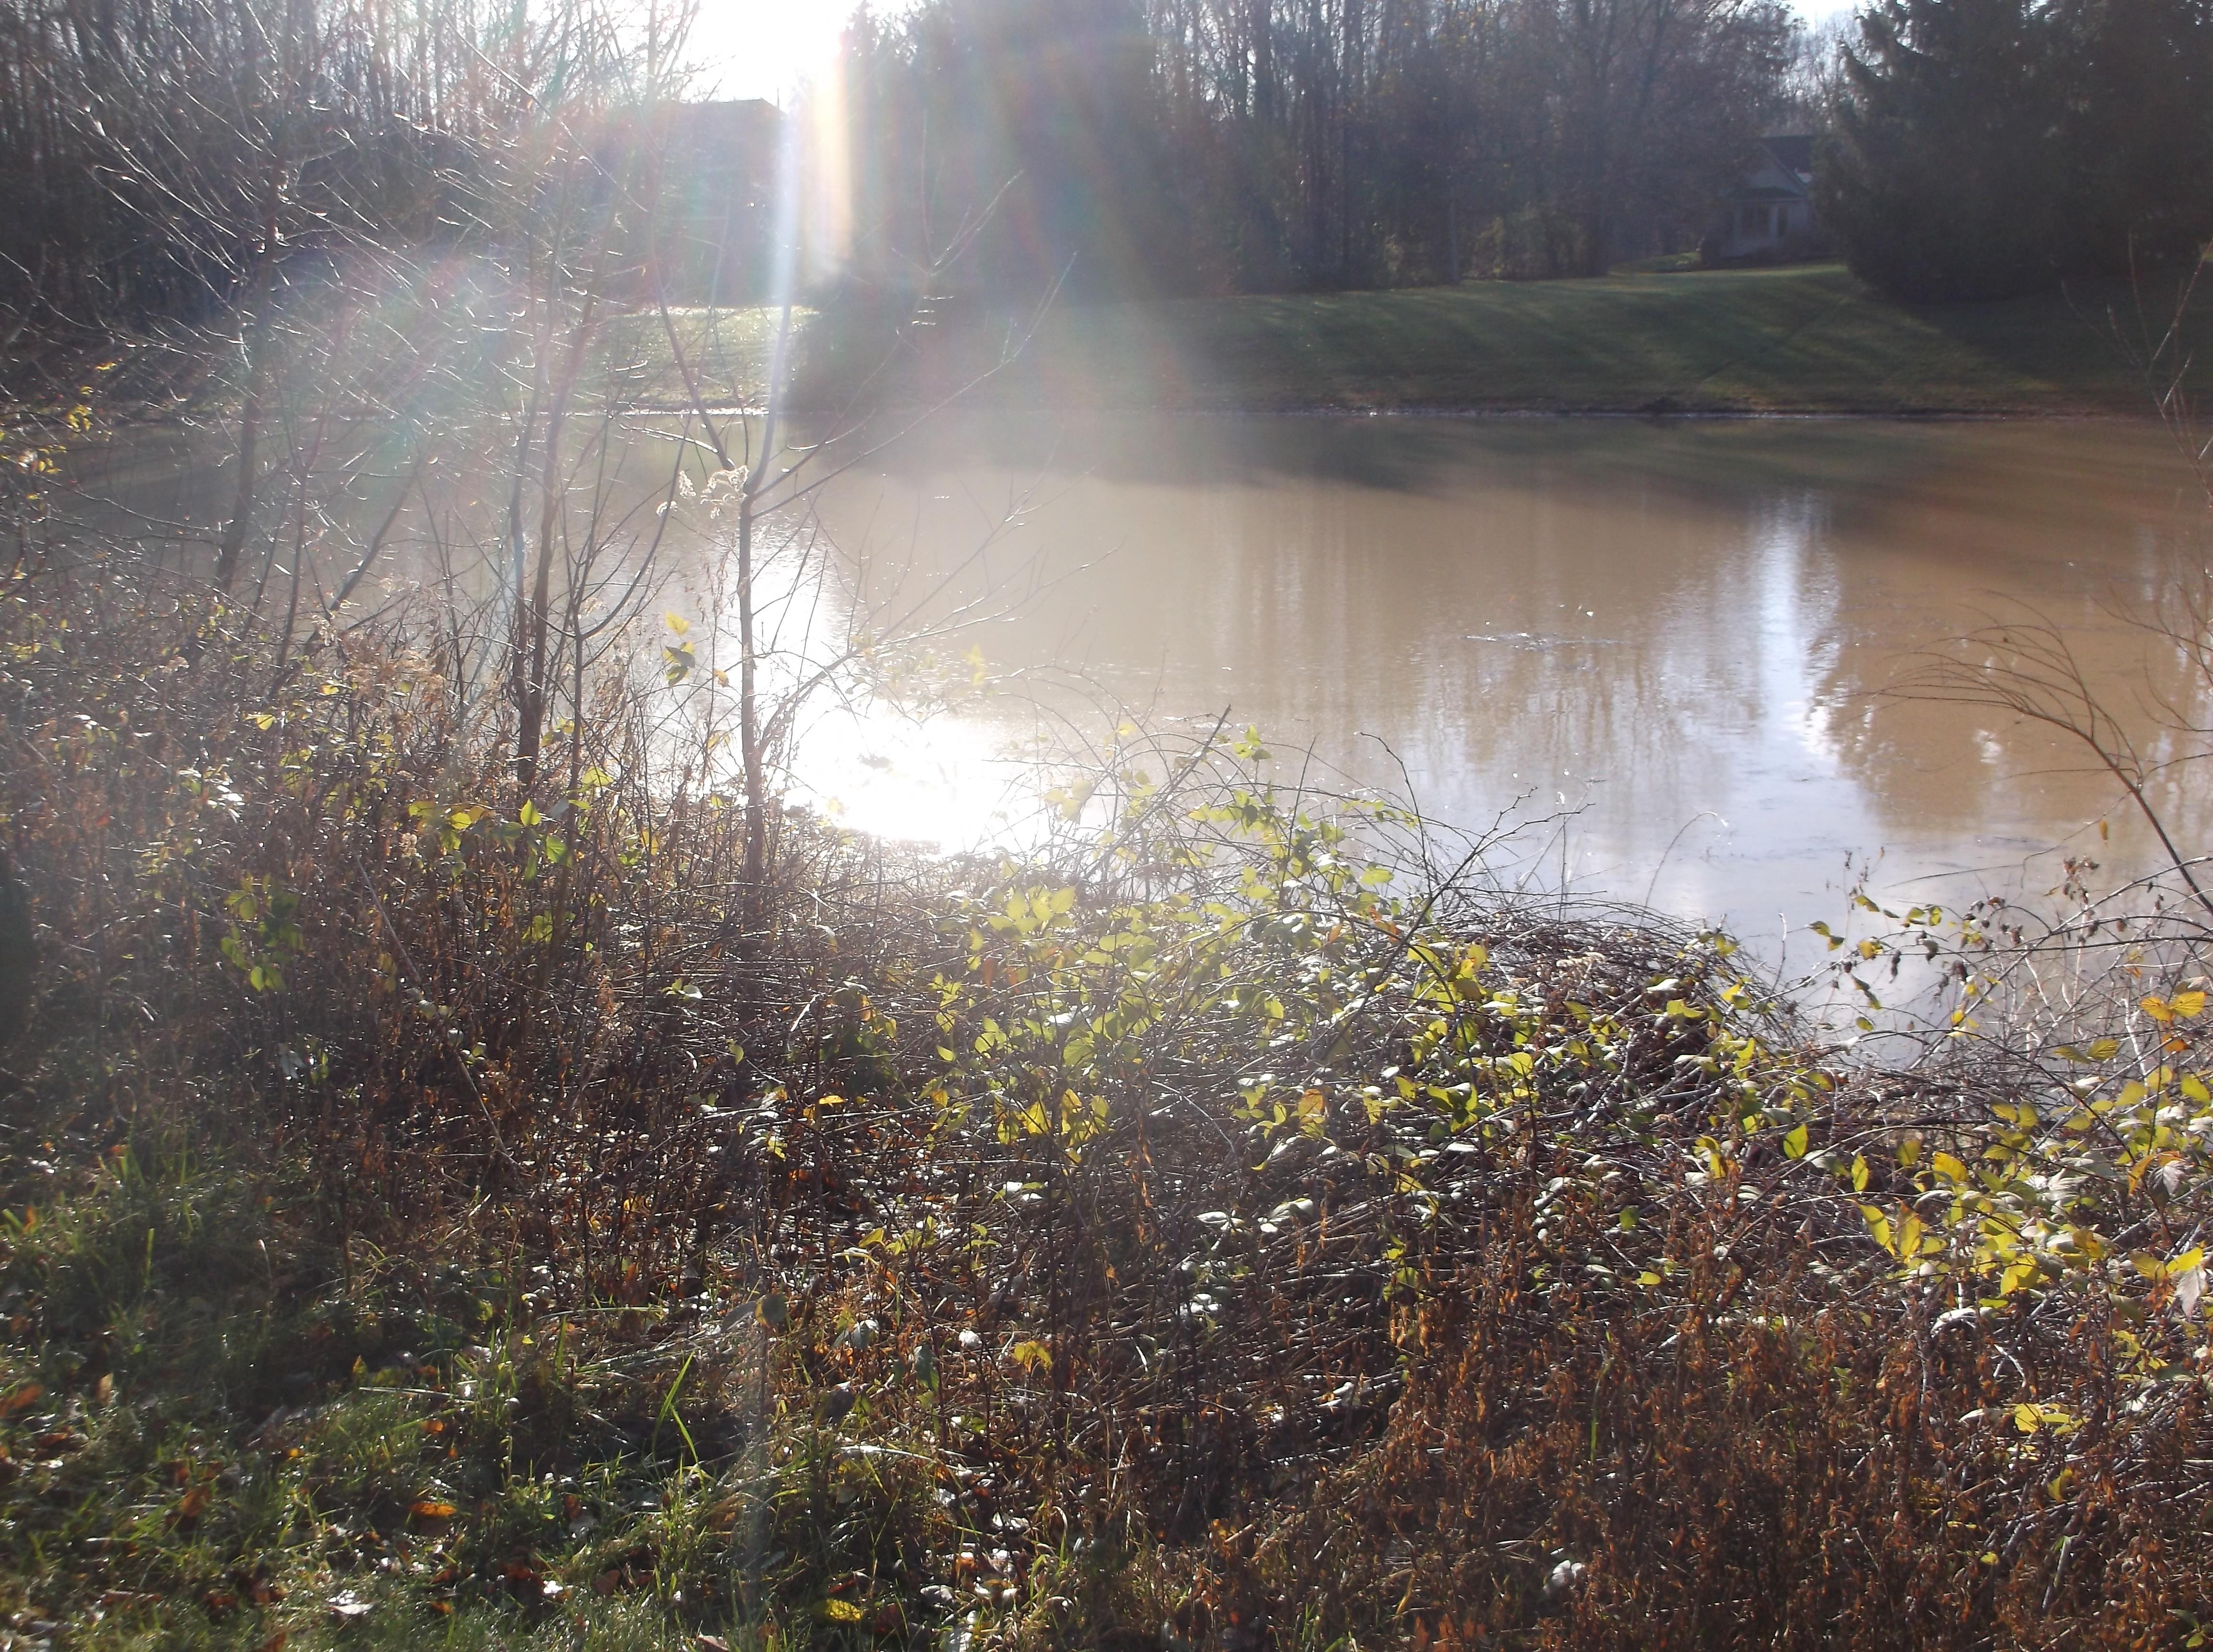 Dave HOA pond berm leak fix (3)-1.jpg